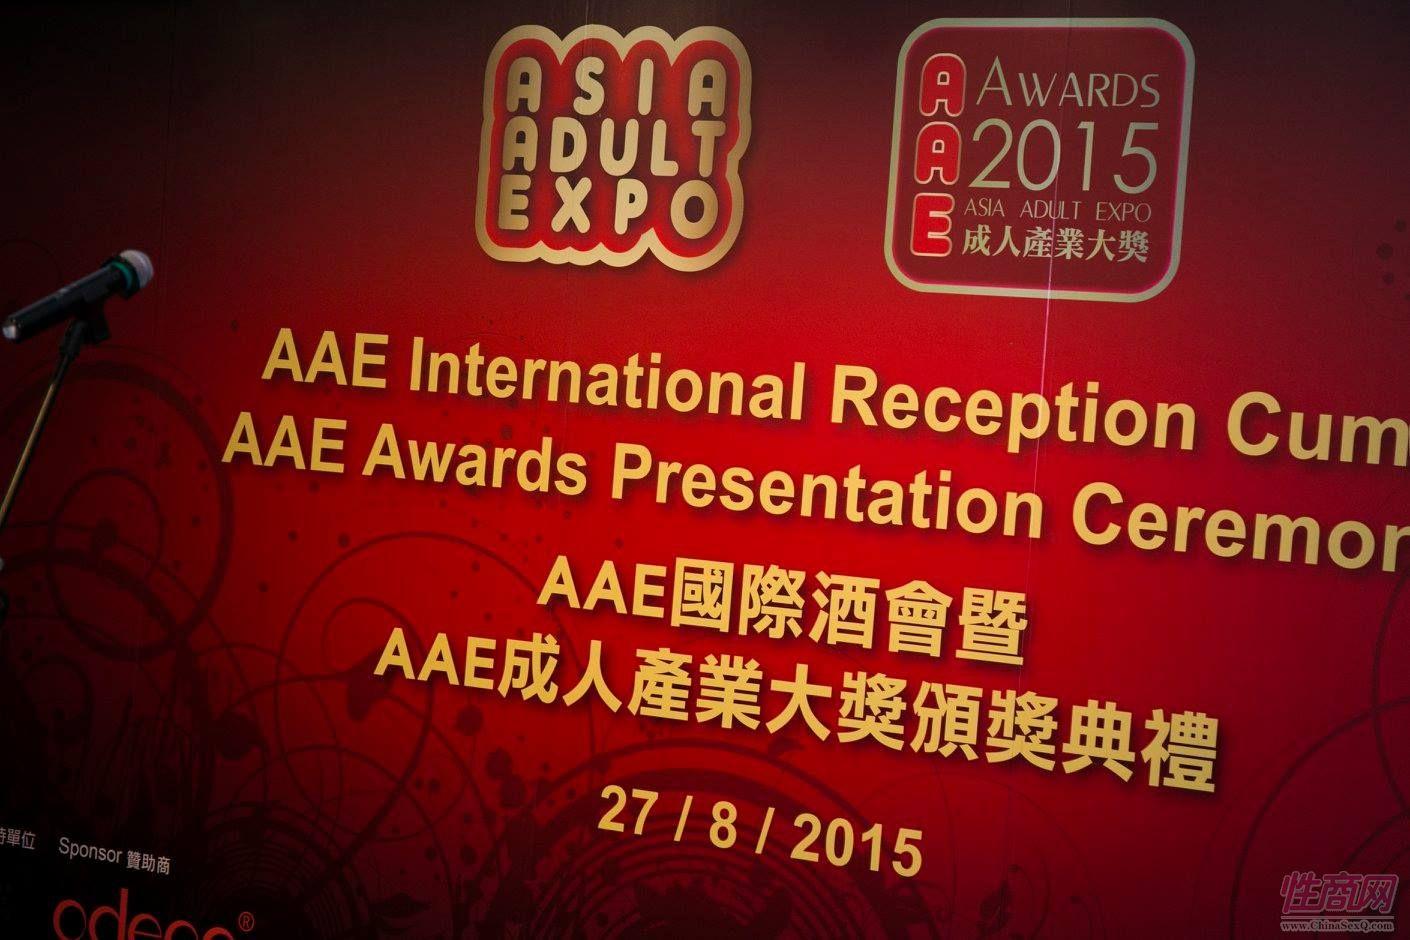 2015亚洲成人博览亚洲区成人产业颁奖礼图片9